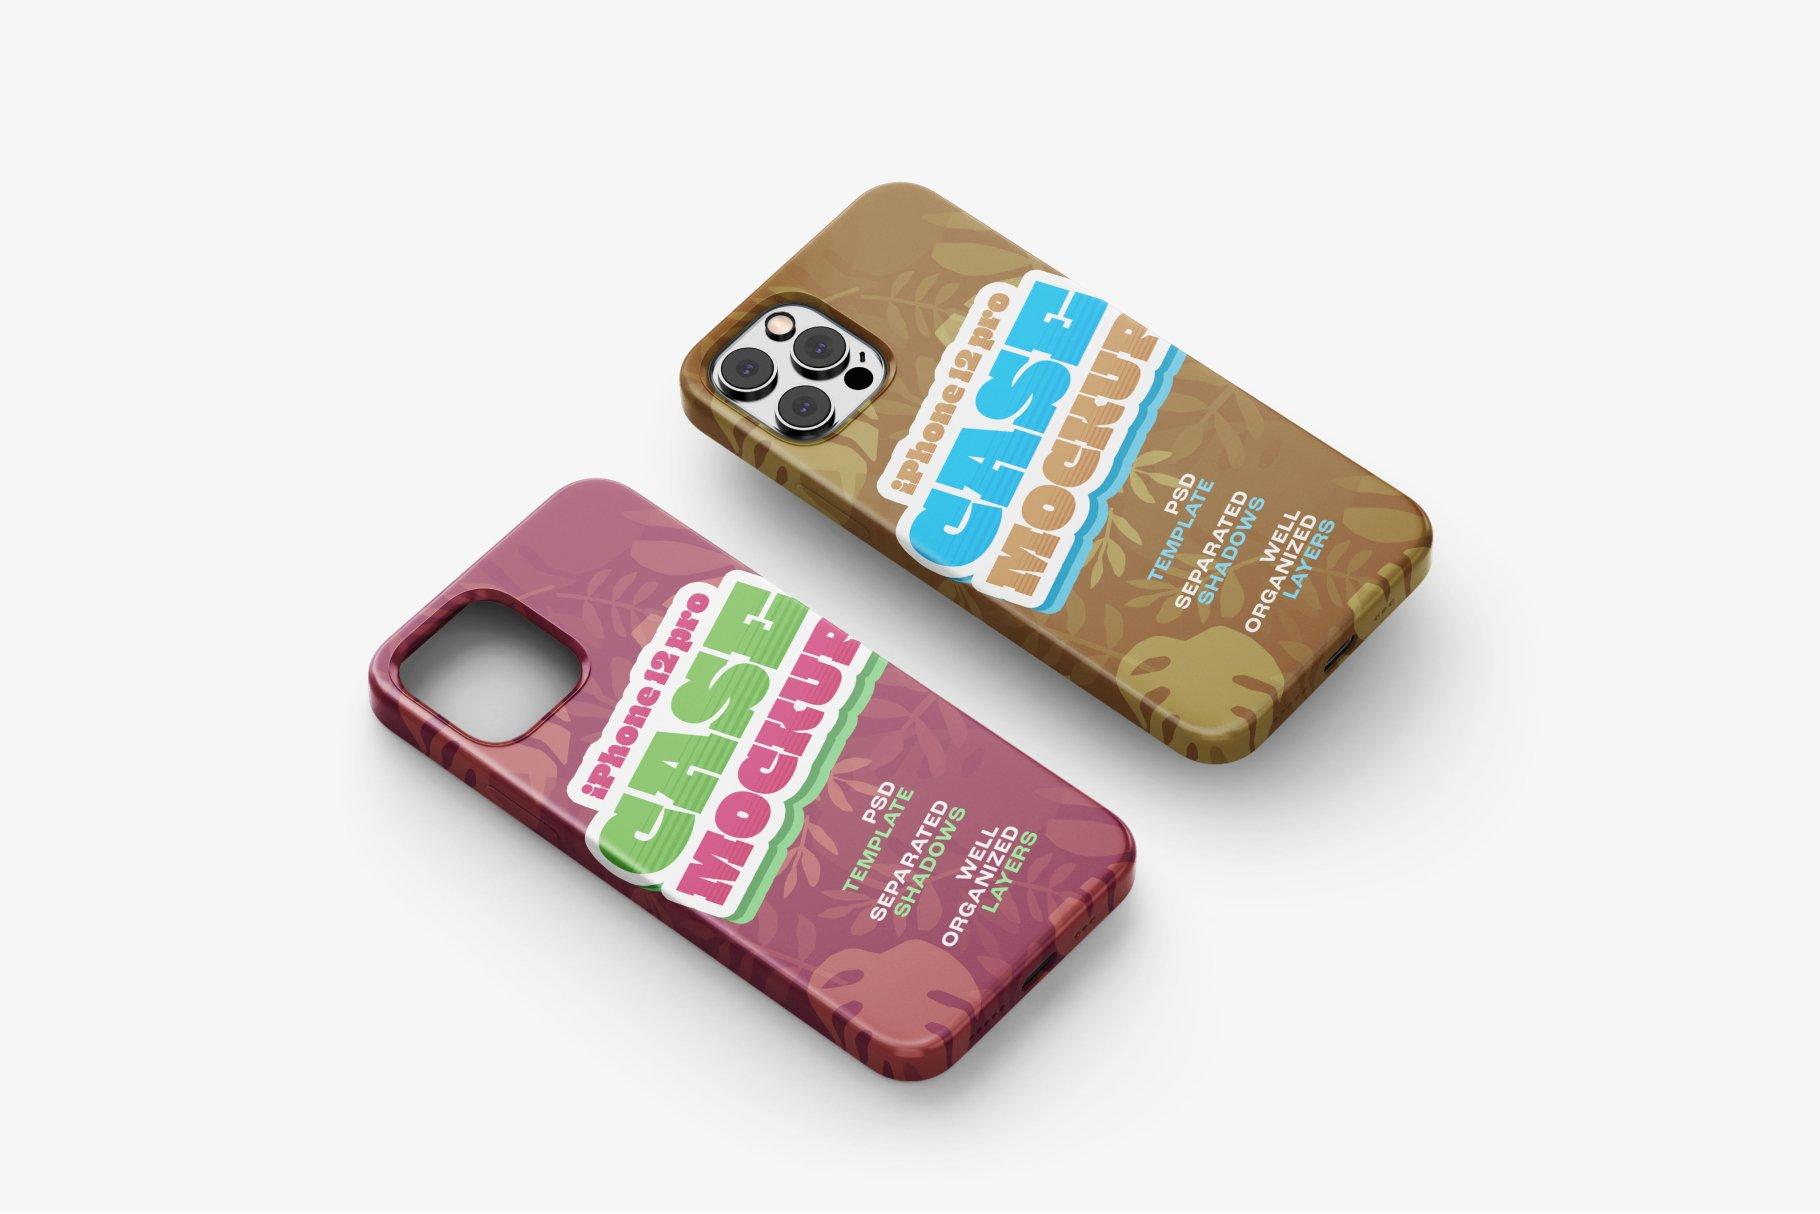 14款iPhone 12 Pro手机壳外观设计展示样机合集 iPhone 12 Pro Case Mockup Set插图13